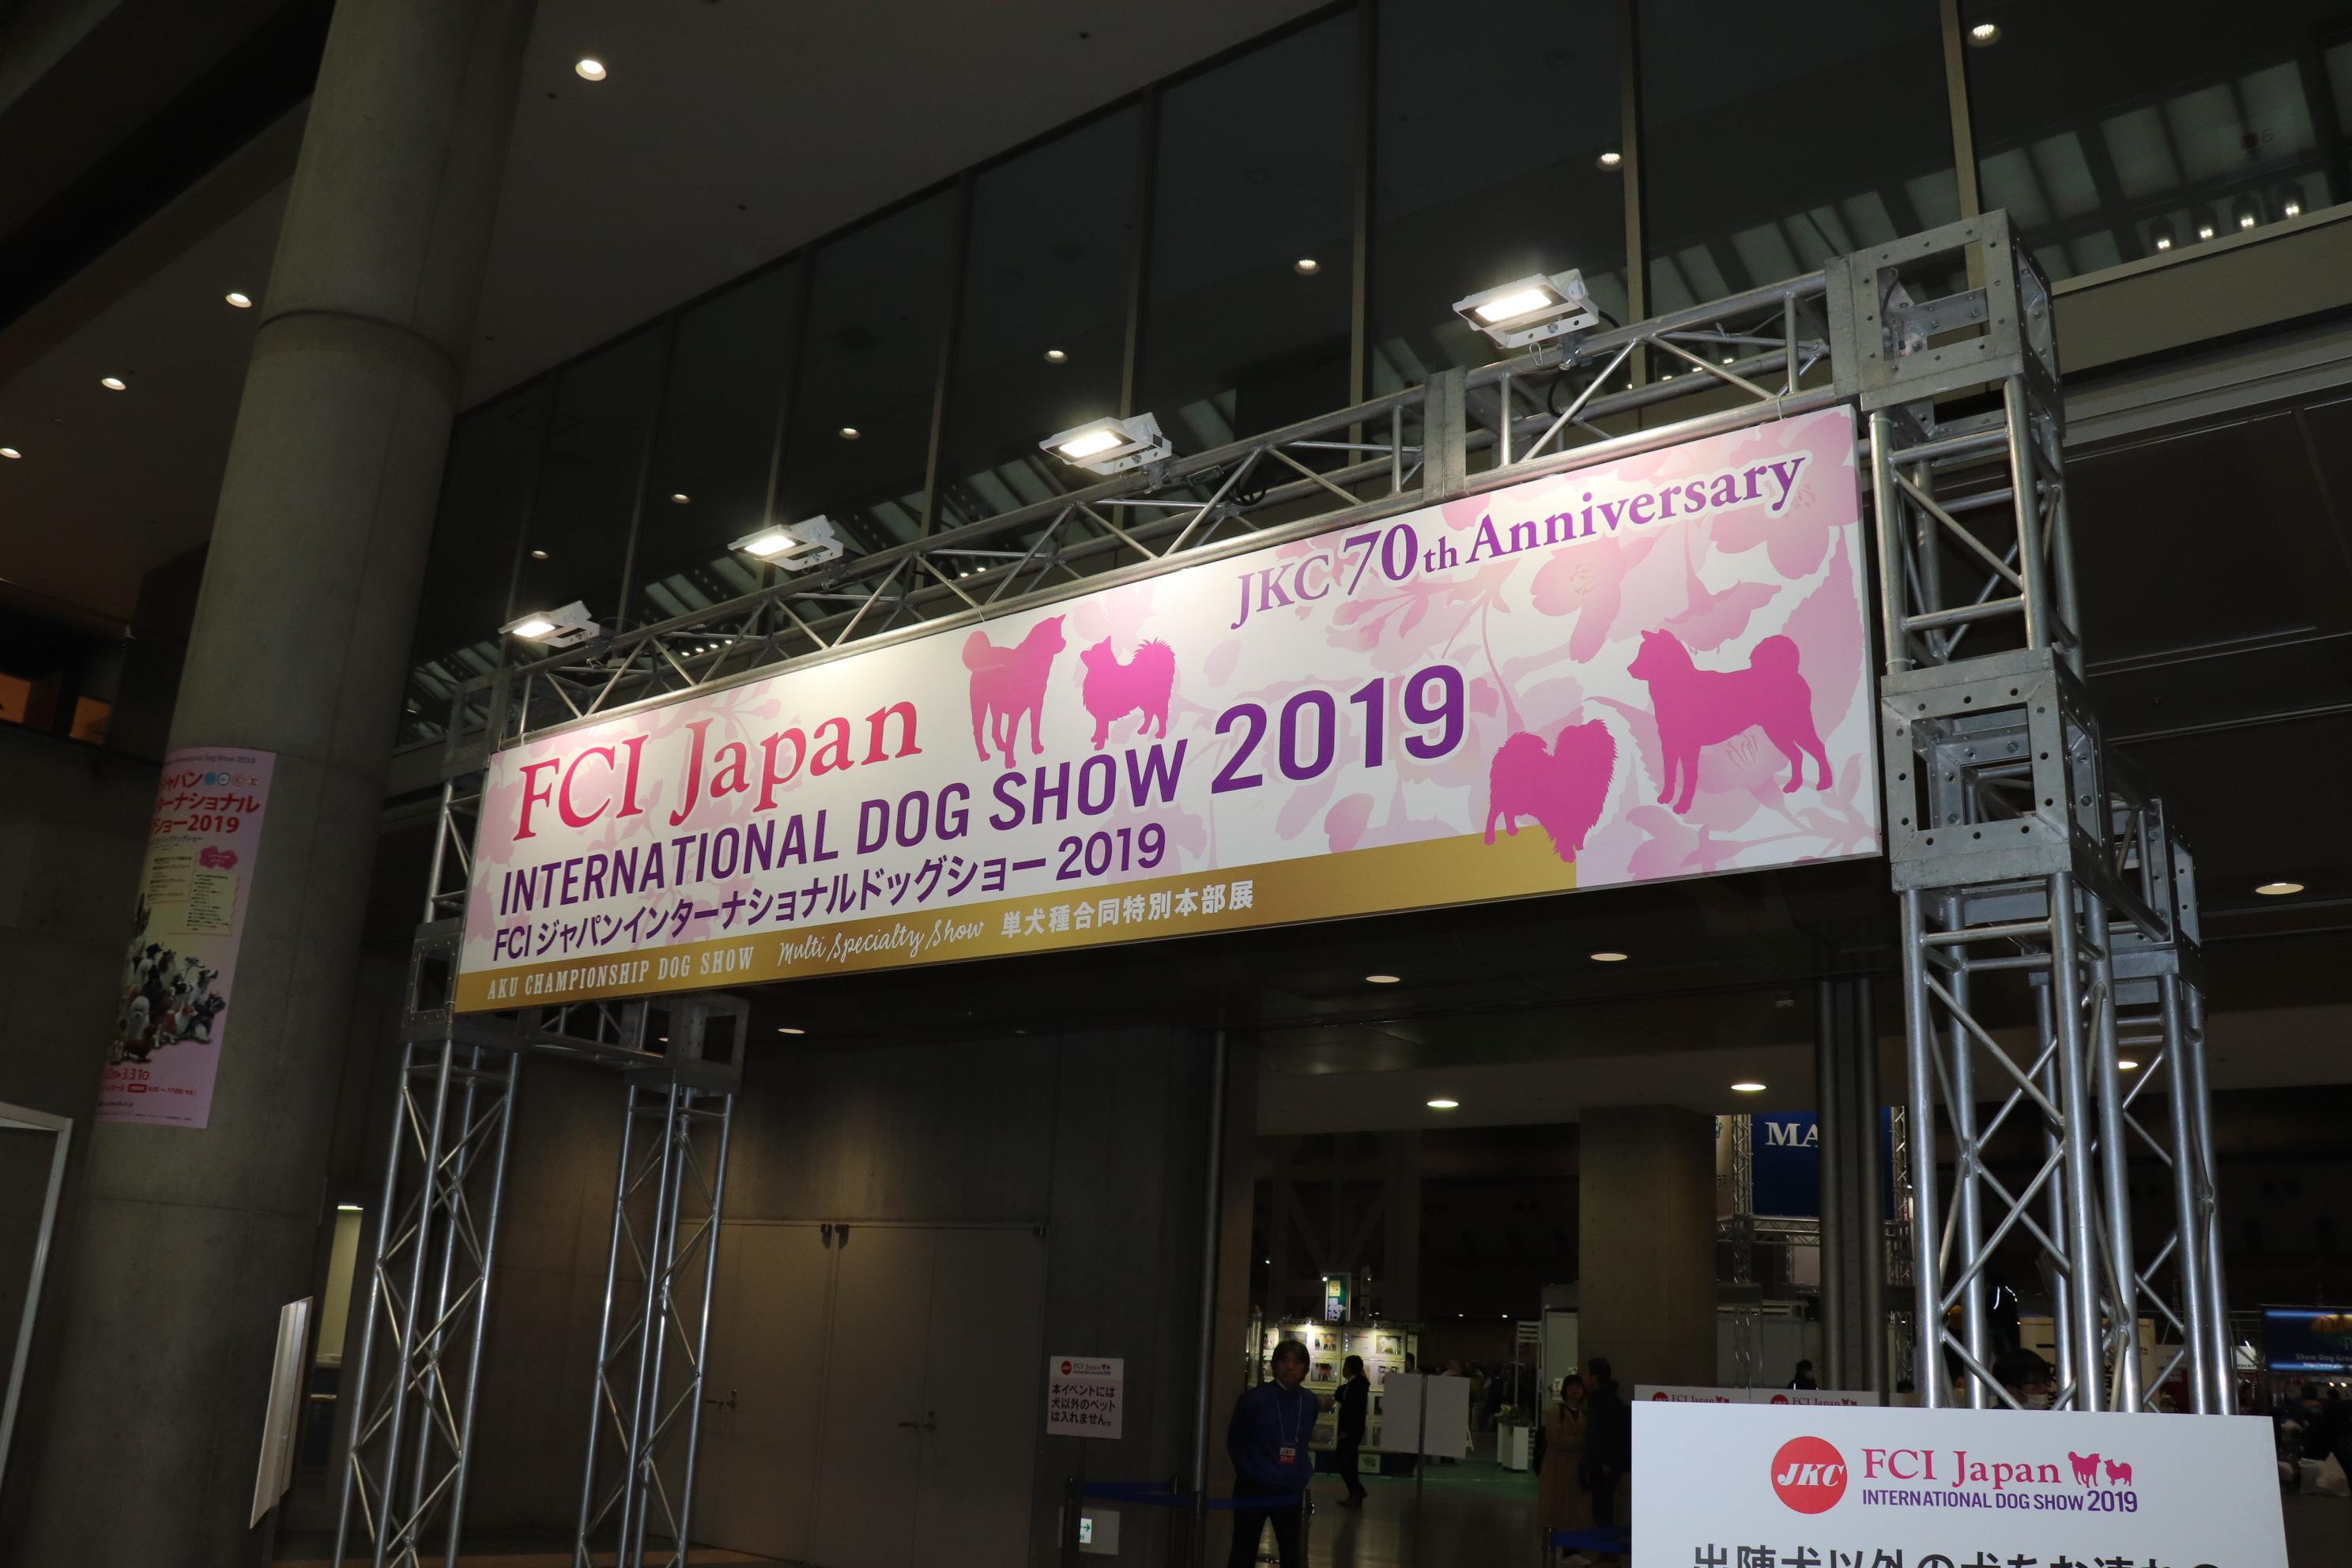 【イベントレポート】インターペット 2019と同日開催、JKCインターナショナルドッグショーにペットタイムズが行ってきました。